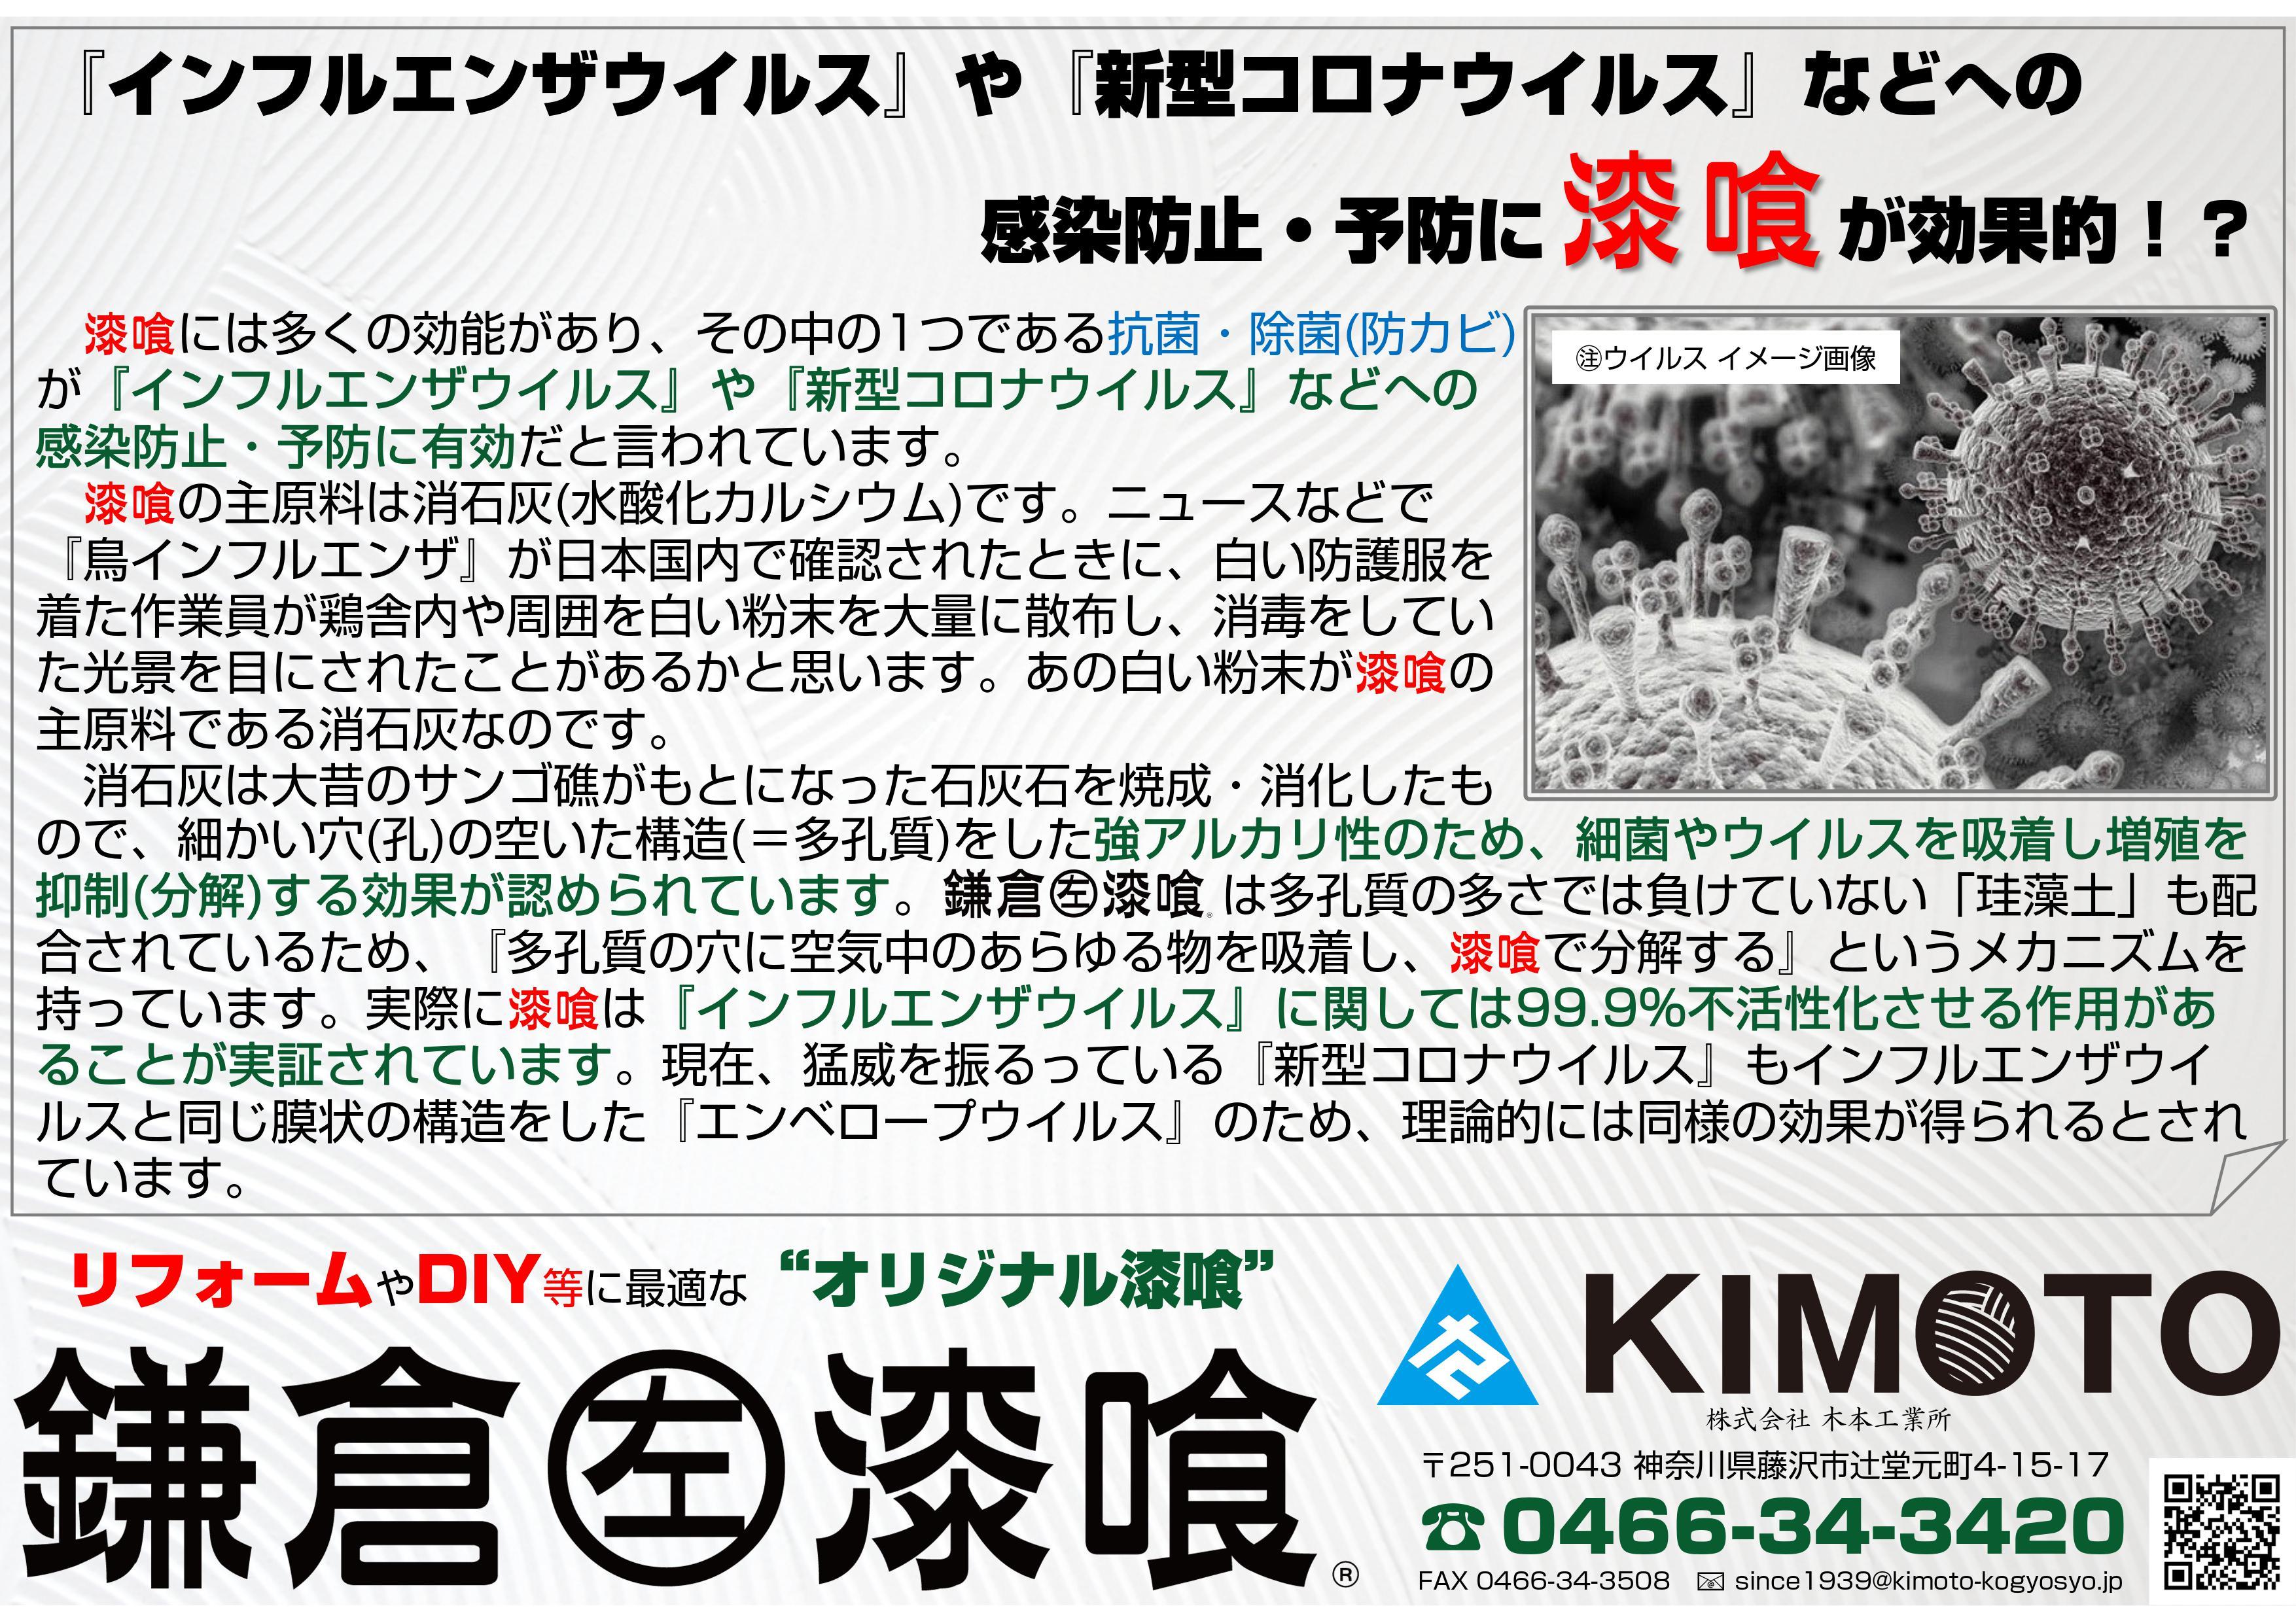 鎌倉漆喰 コロナ インフルエンザ ウイルス 予防 感染防止 抗菌 除菌